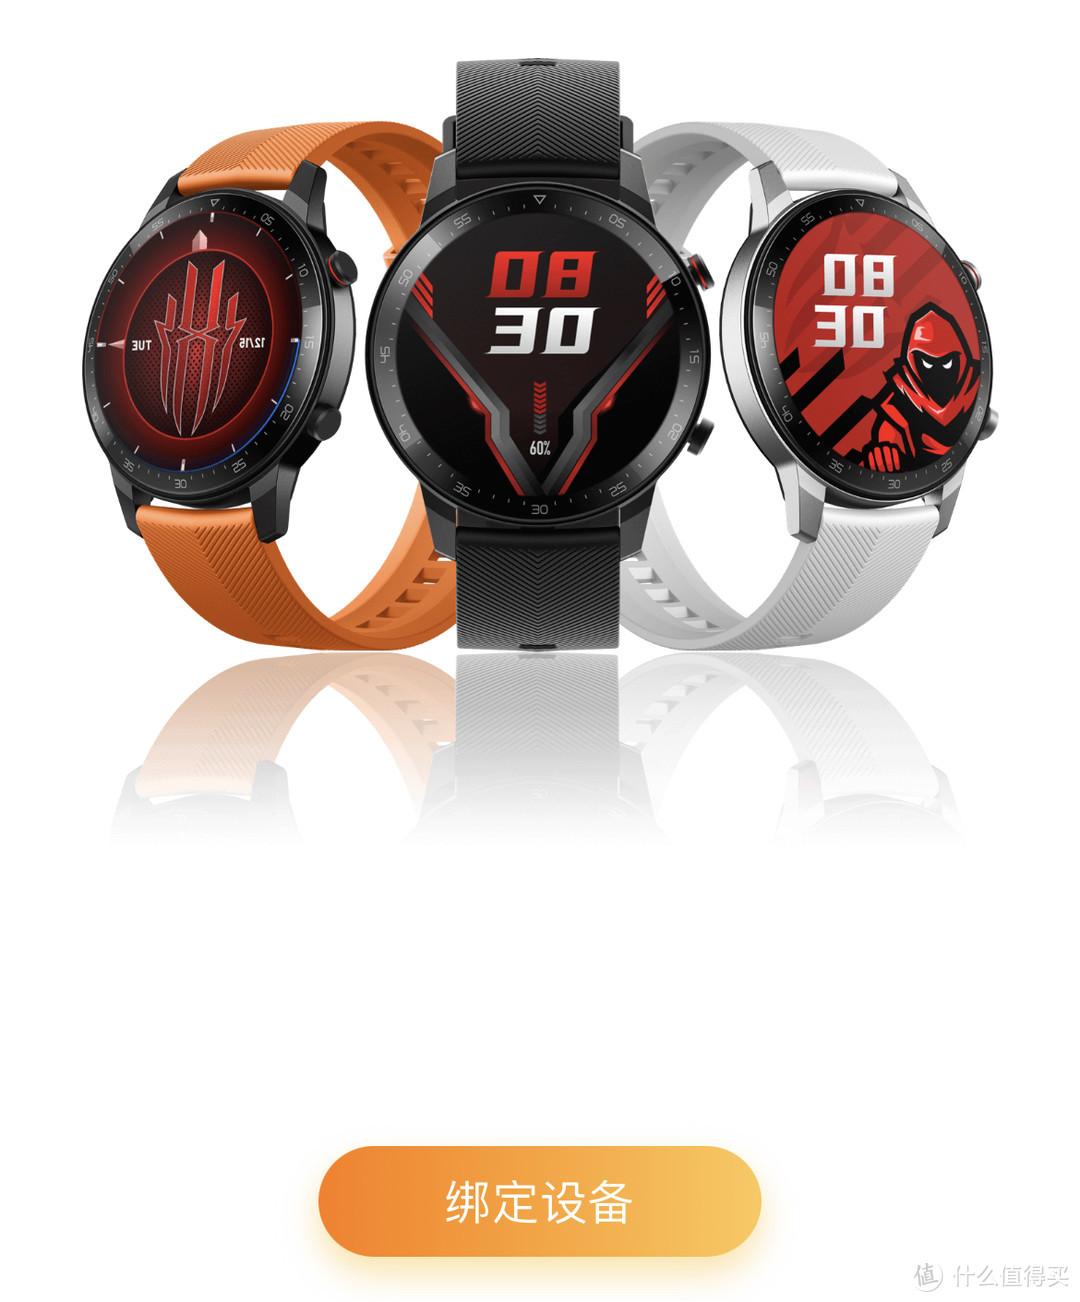 红魔运动手表0元购打卡活动——详情解析及注意点提醒